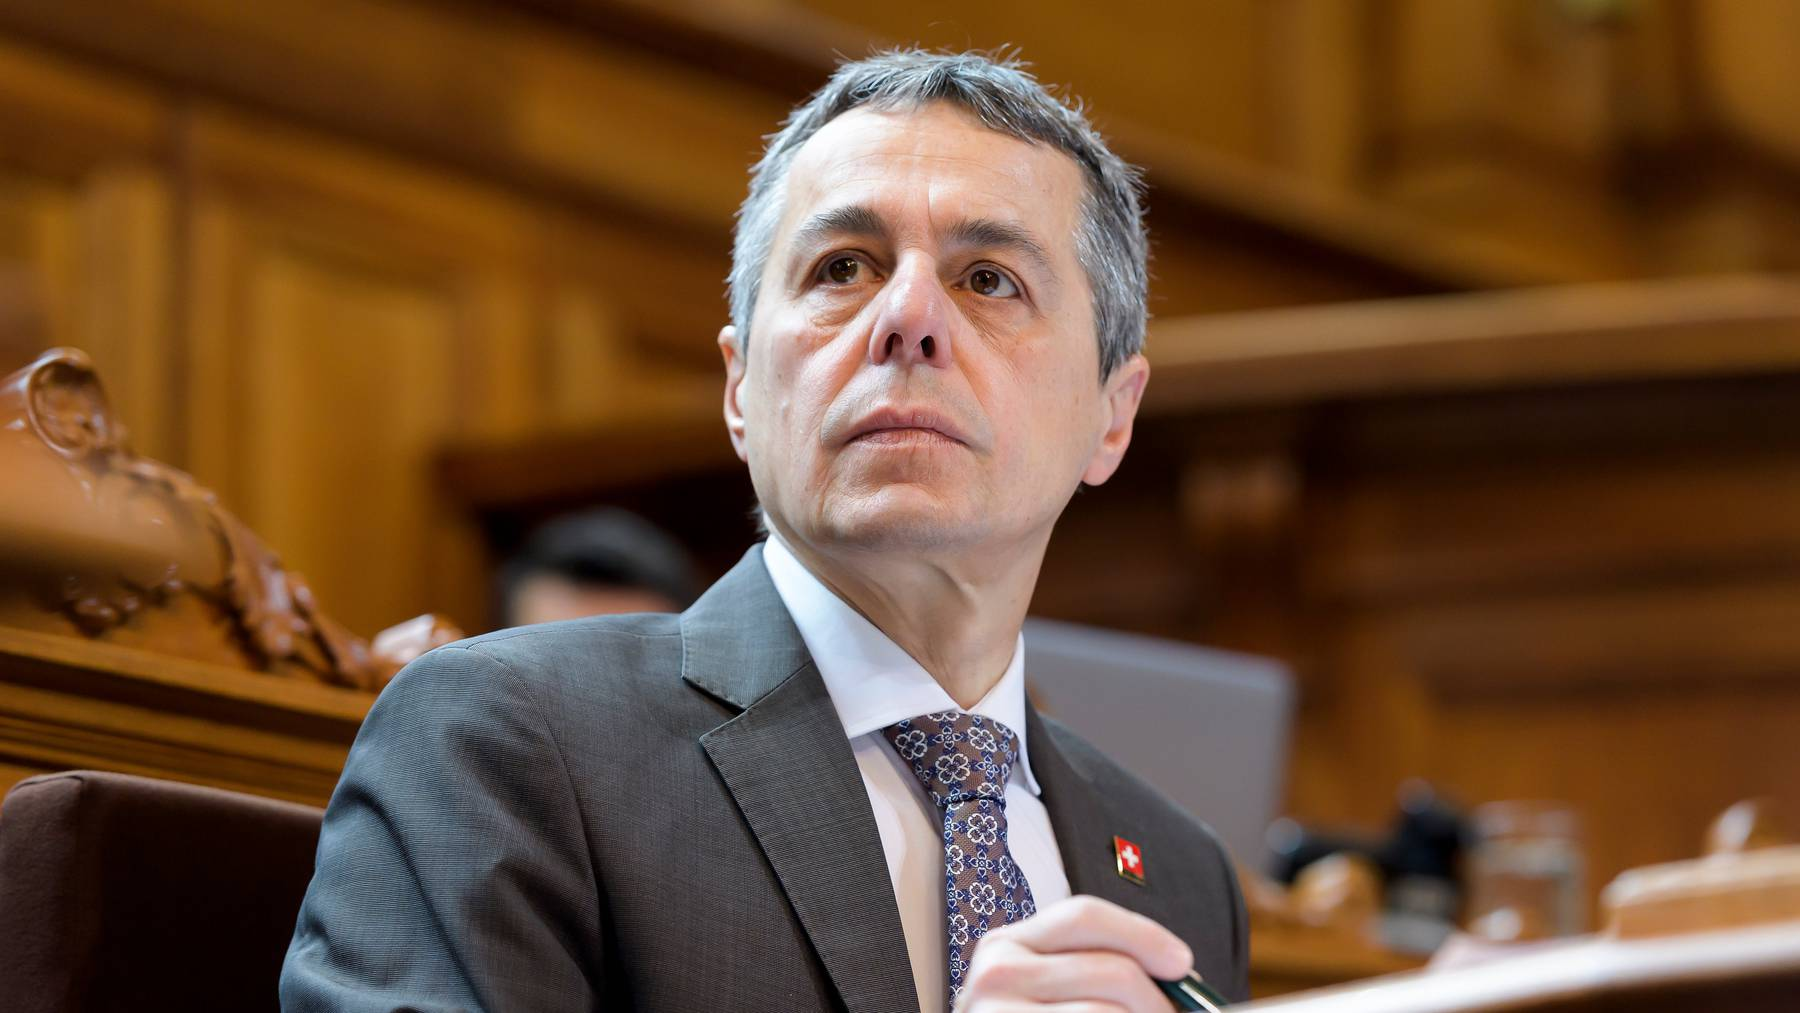 Die westliche Welt werde entschiedener reagieren, wenn China an seinem neuen Kurs festhalte, so Bundesrat Ignazio Cassis.